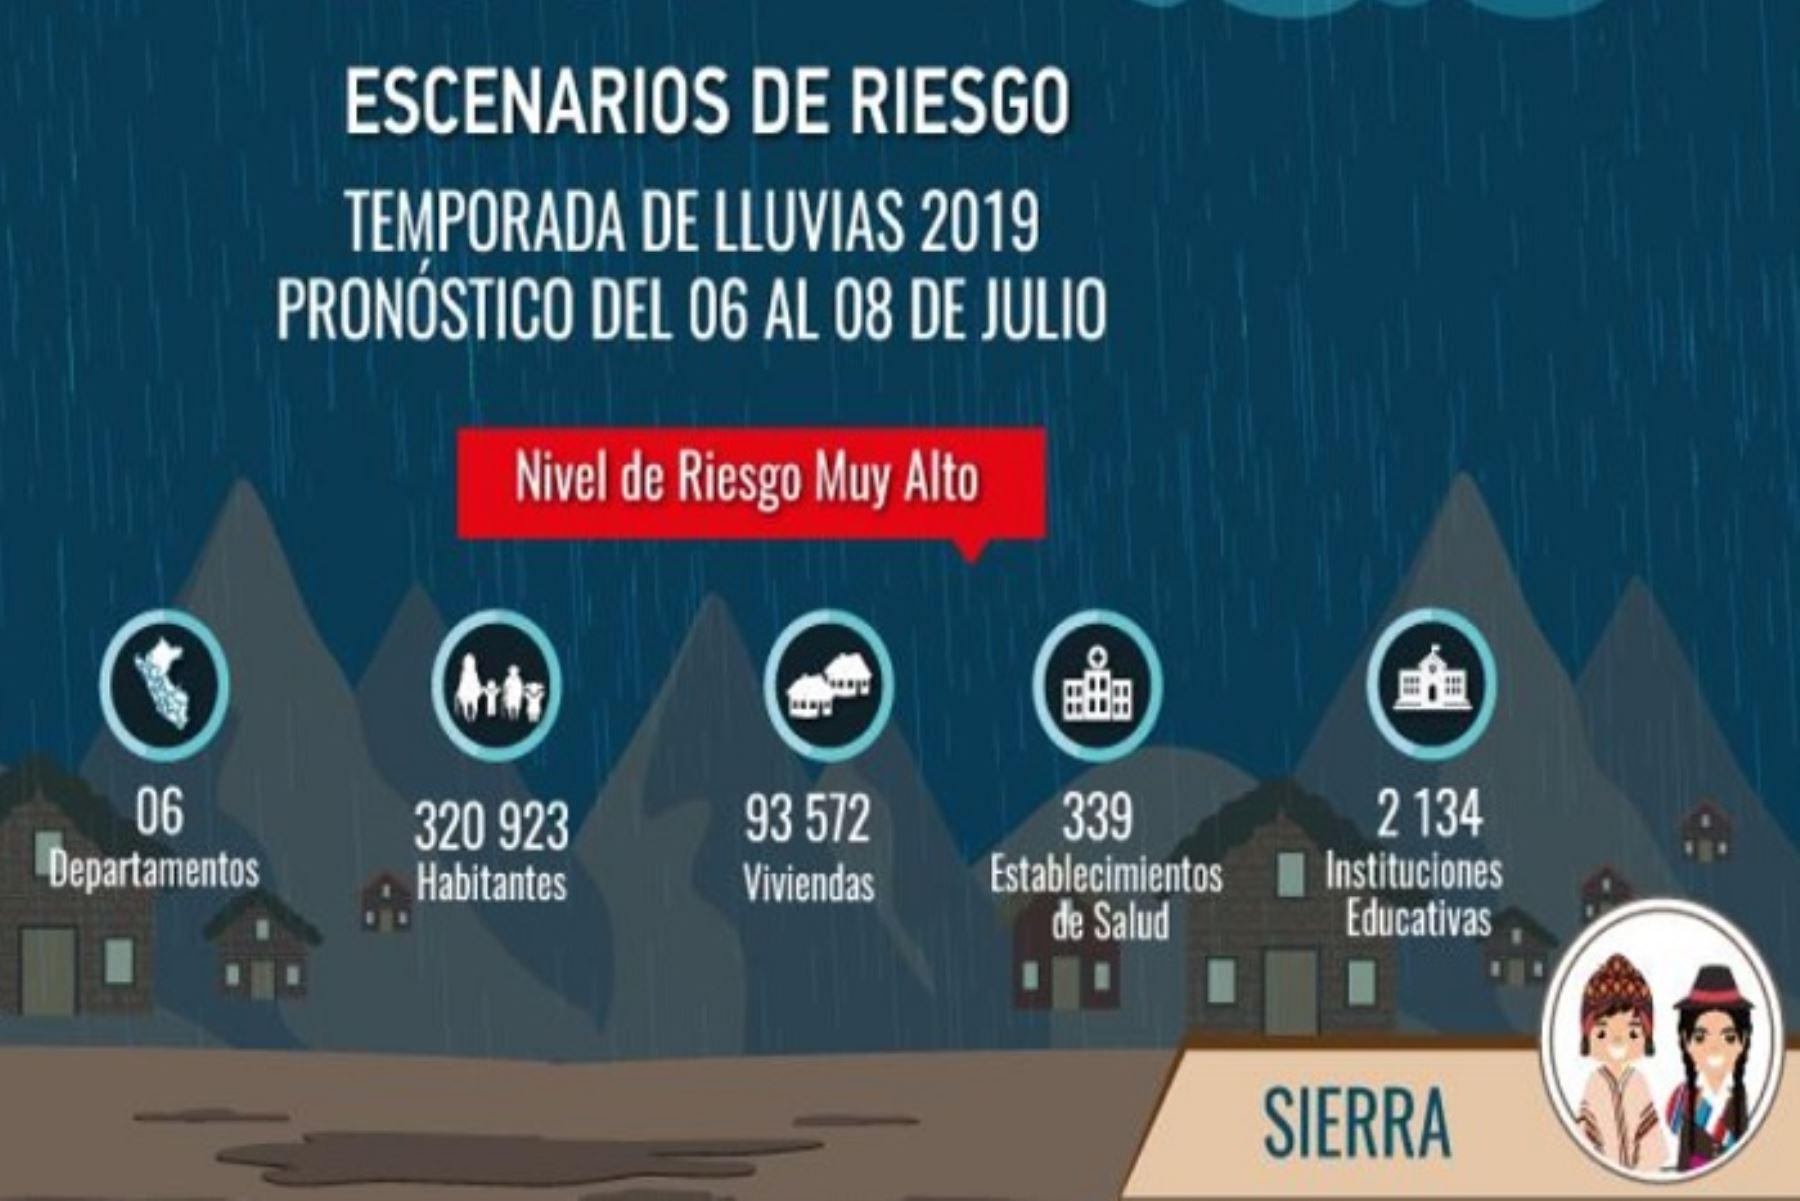 Debido al pronóstico de ocurrencia de lluvias desde mañana sábado 6 al lunes 8 de julio en la Sierra, un total de 95 distritos se encuentran en un riesgo muy alto de que se originen huaicos y deslizamientos, estimó el Centro Nacional de Estimación, Prevención y Reducción del Riesgo de Desastres (Cenepred).